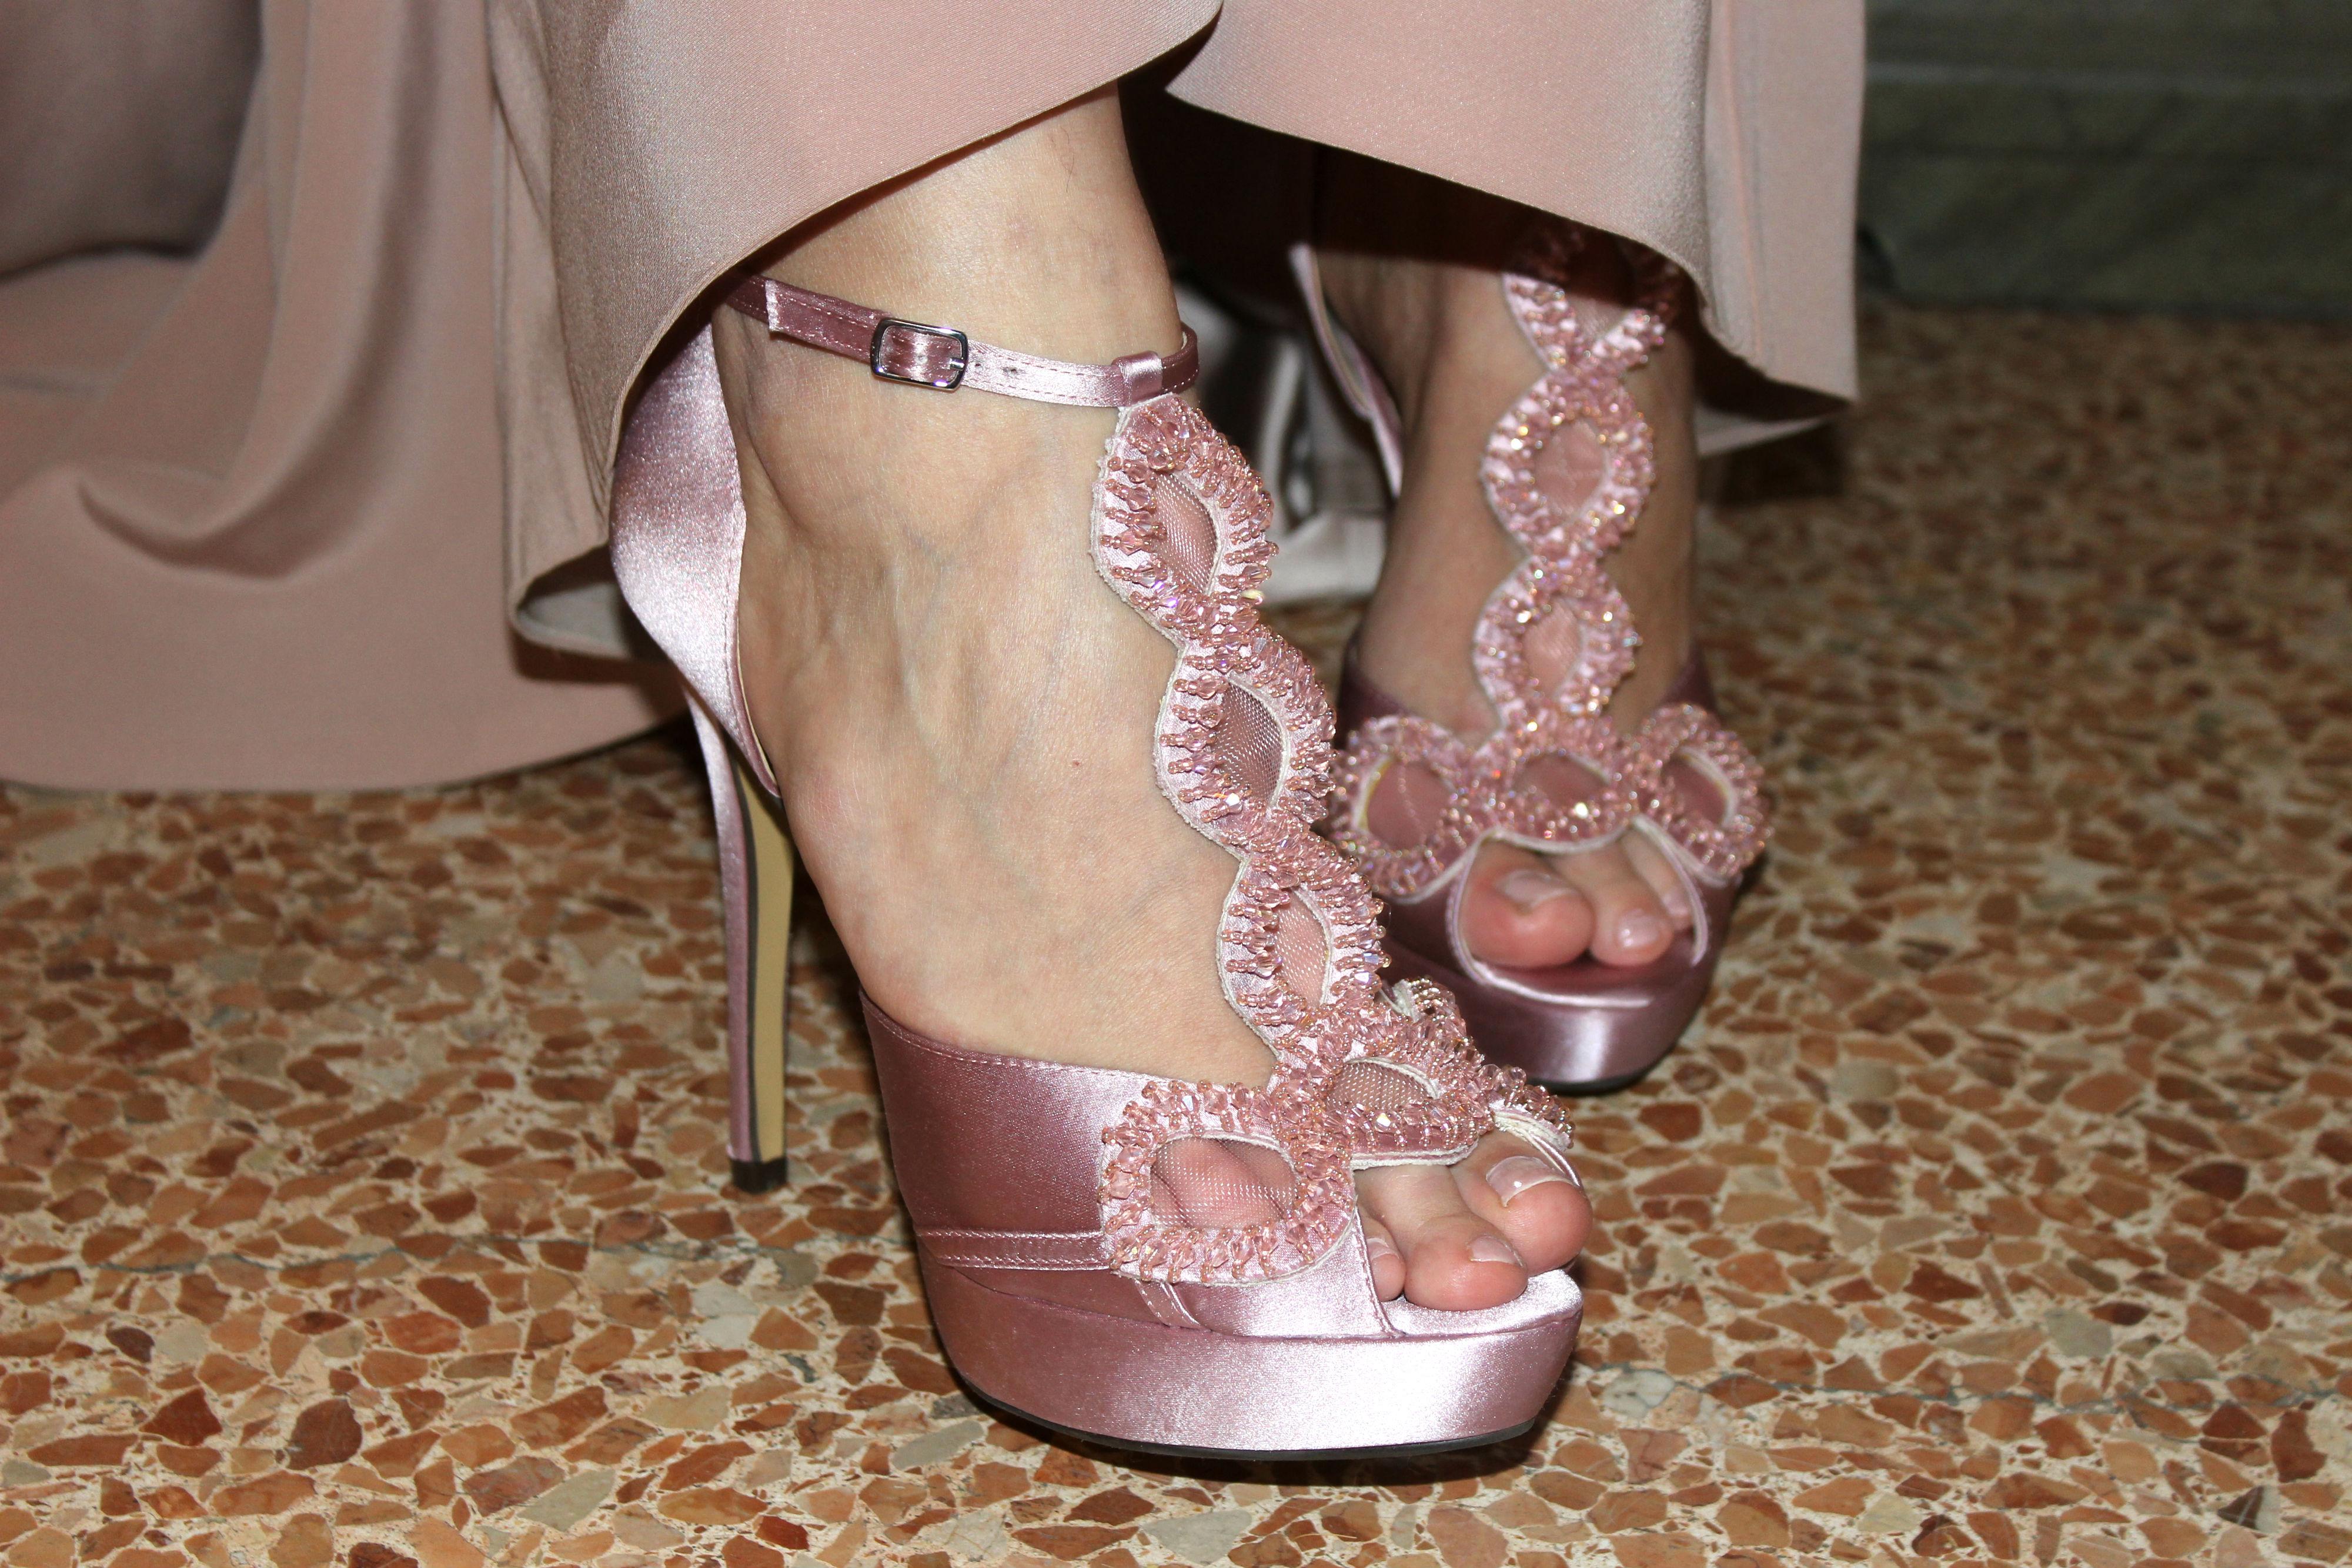 infant-charity-award-elisabettabertolini-fashionblogger-erasmofiorentino-menburshoes-deliguoro6